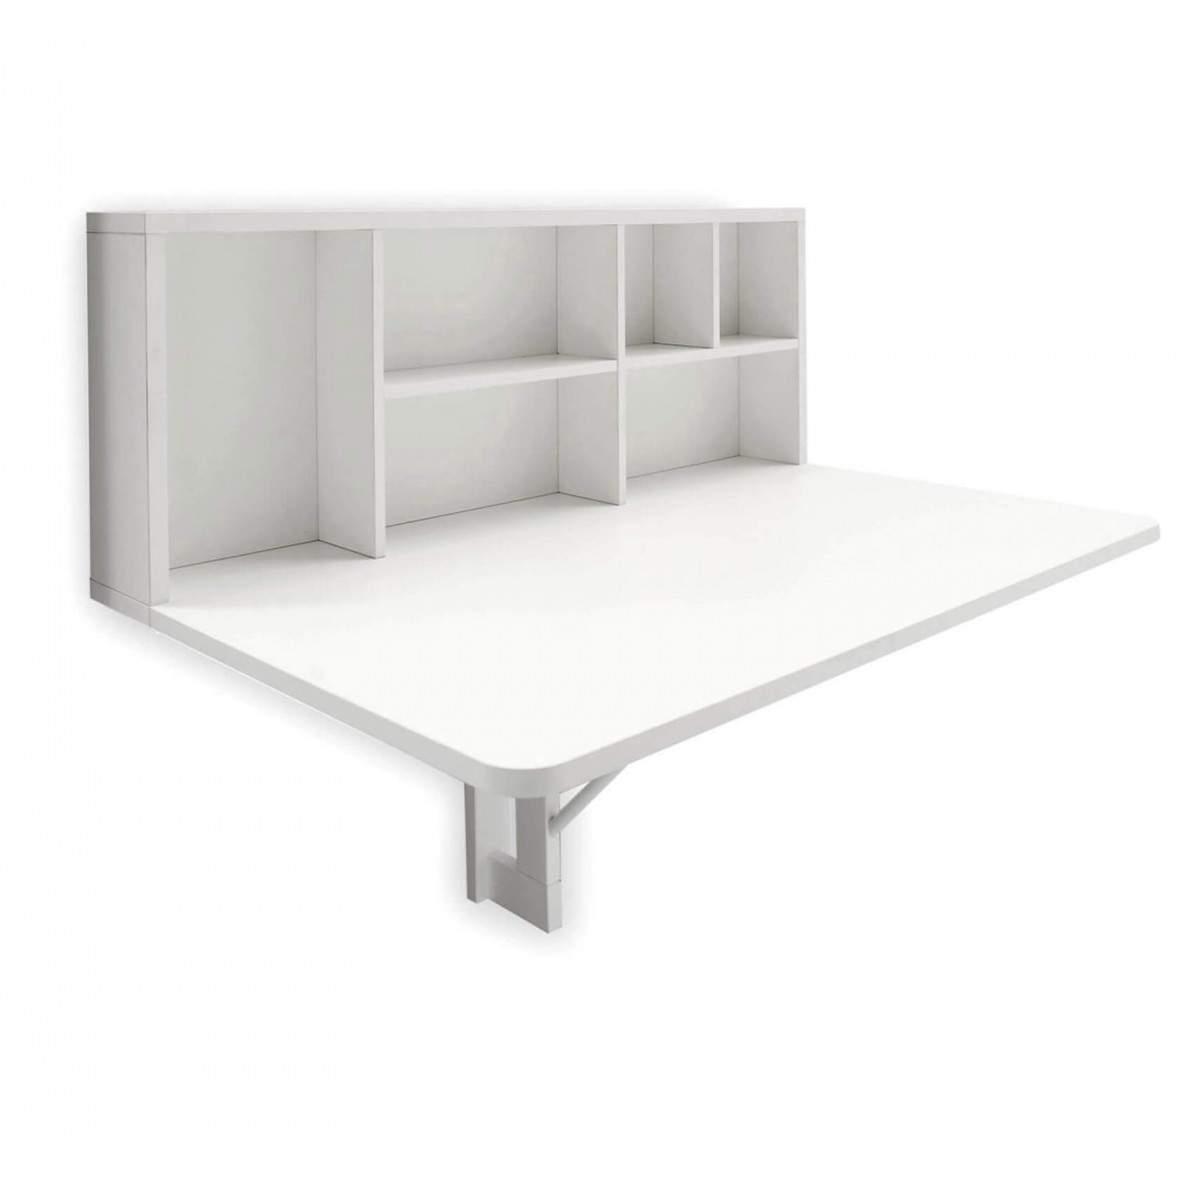 Tavolino Element Calligaris Prezzo.Tavolo Pieghevole Spacebox Cb 4061 Connubia Callegaris Miglior